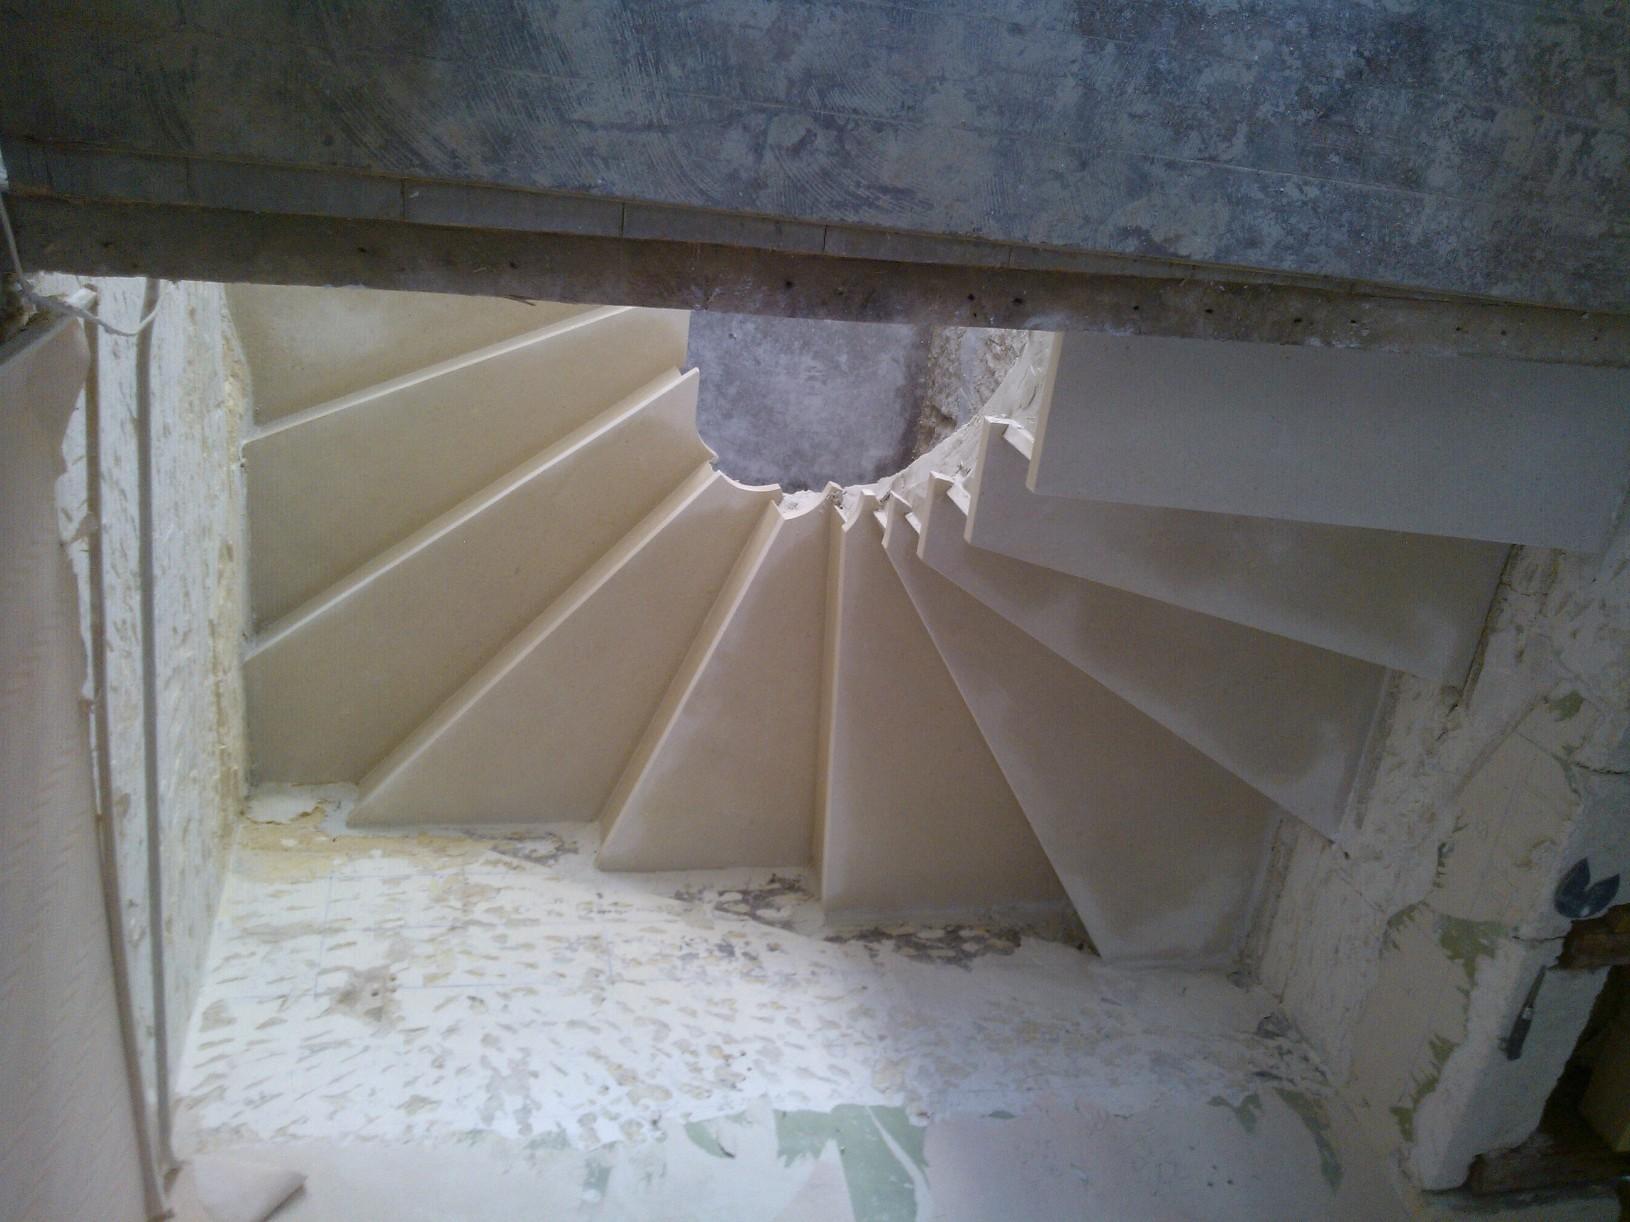 Escalier vu de dessus